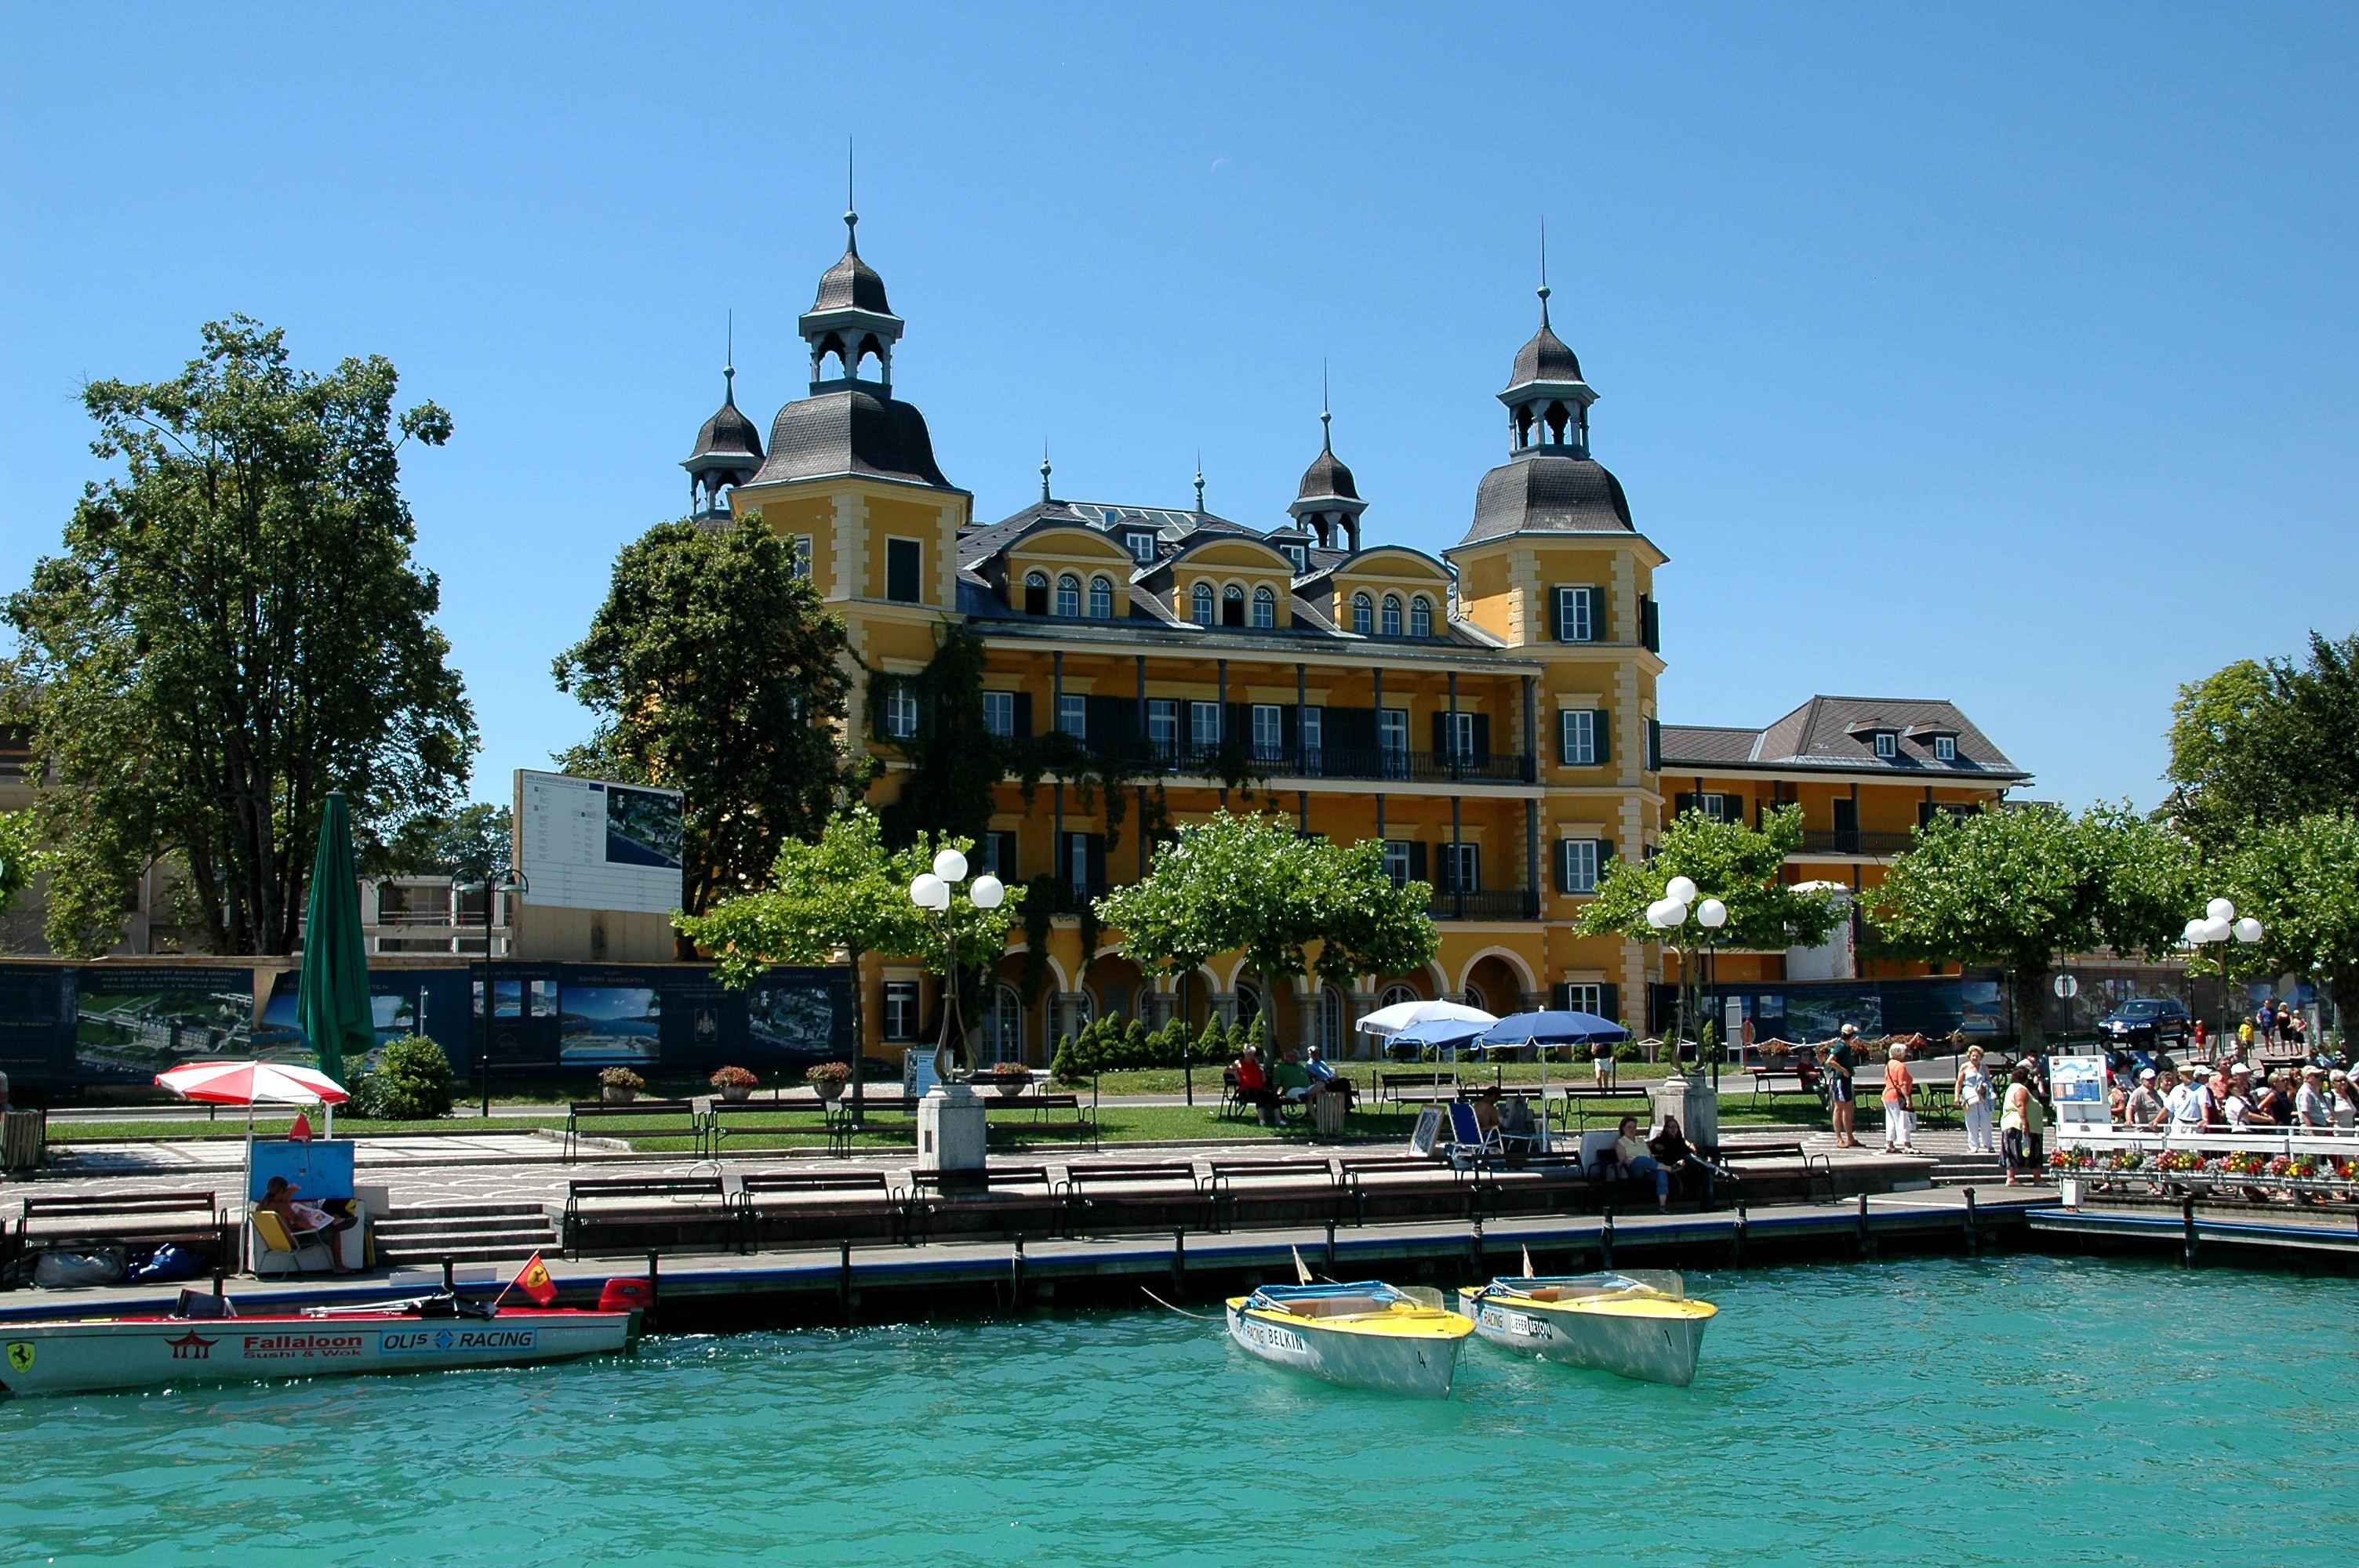 Hotels In Karnten Am See